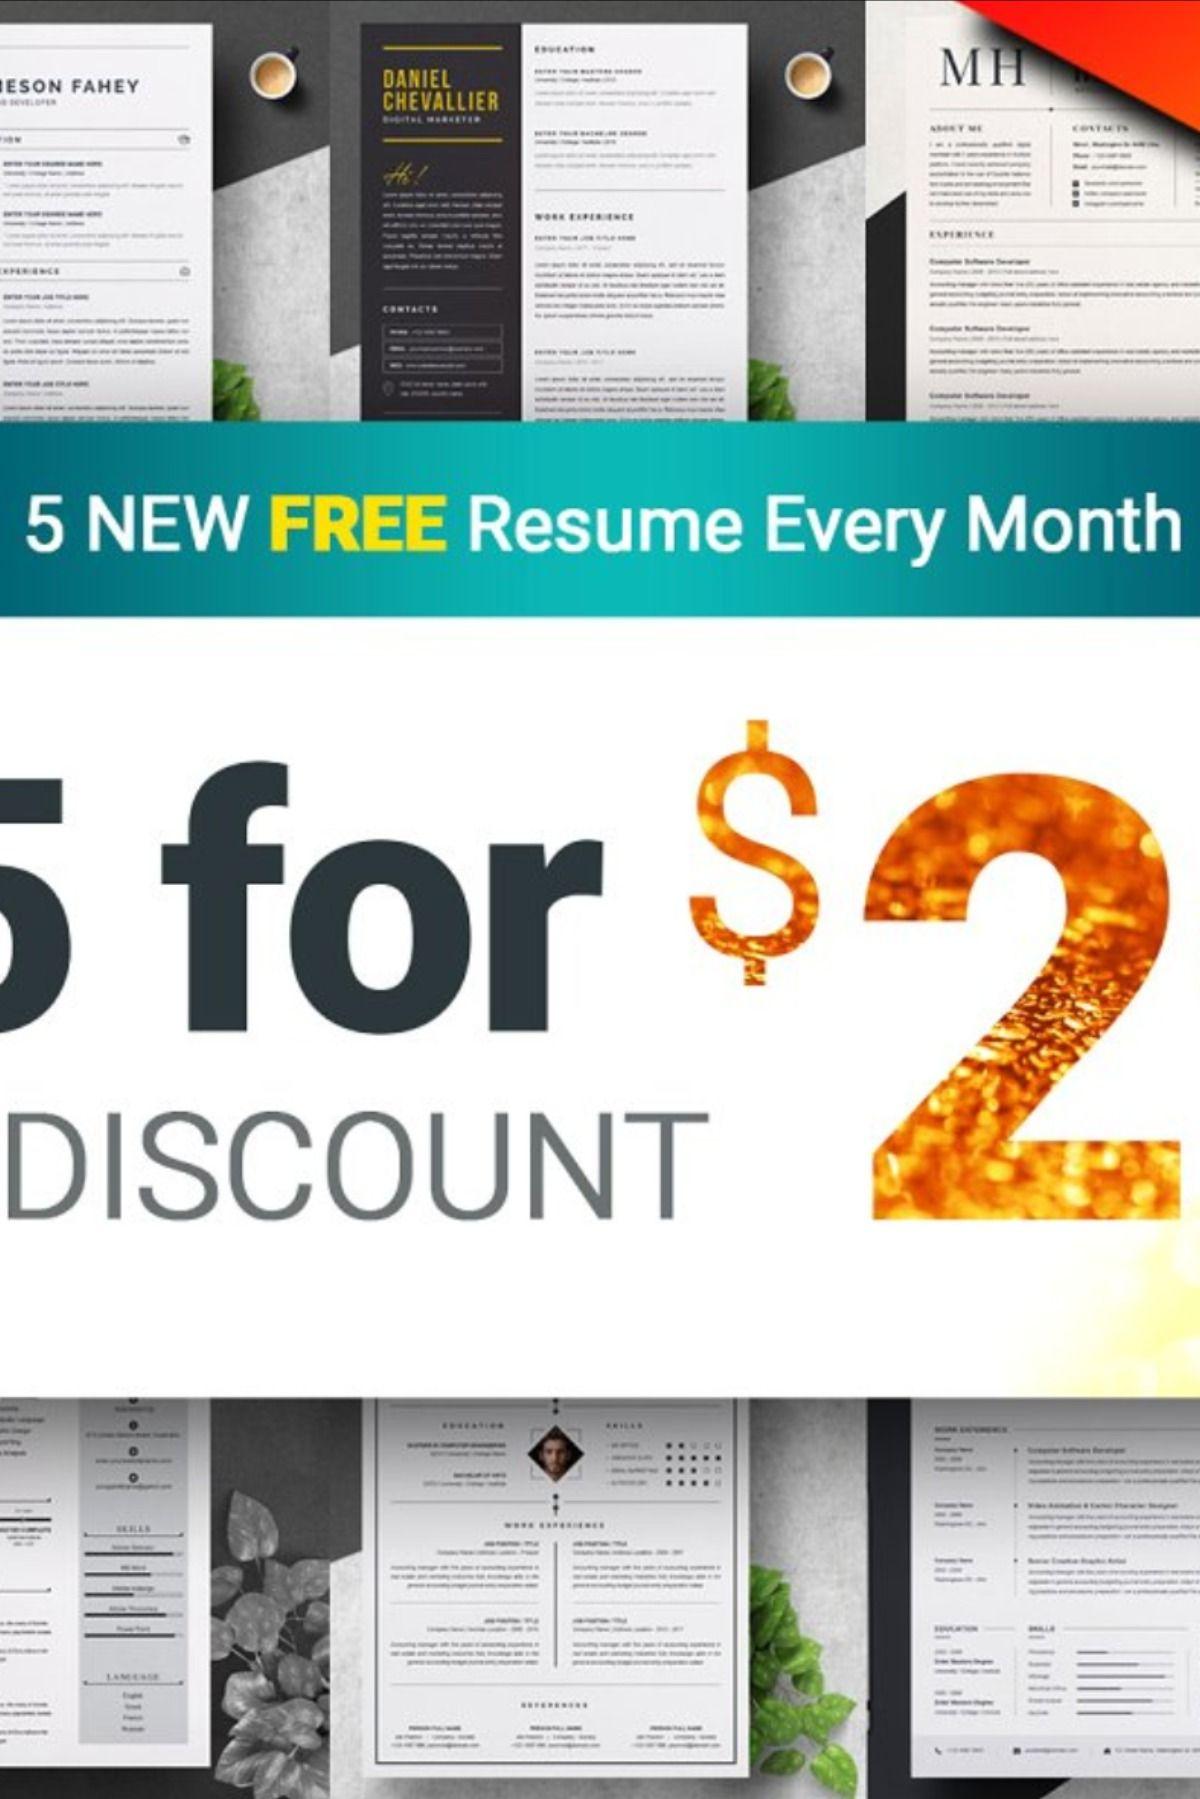 Resume / CV Bundle 100 for 29 Downloadable resume